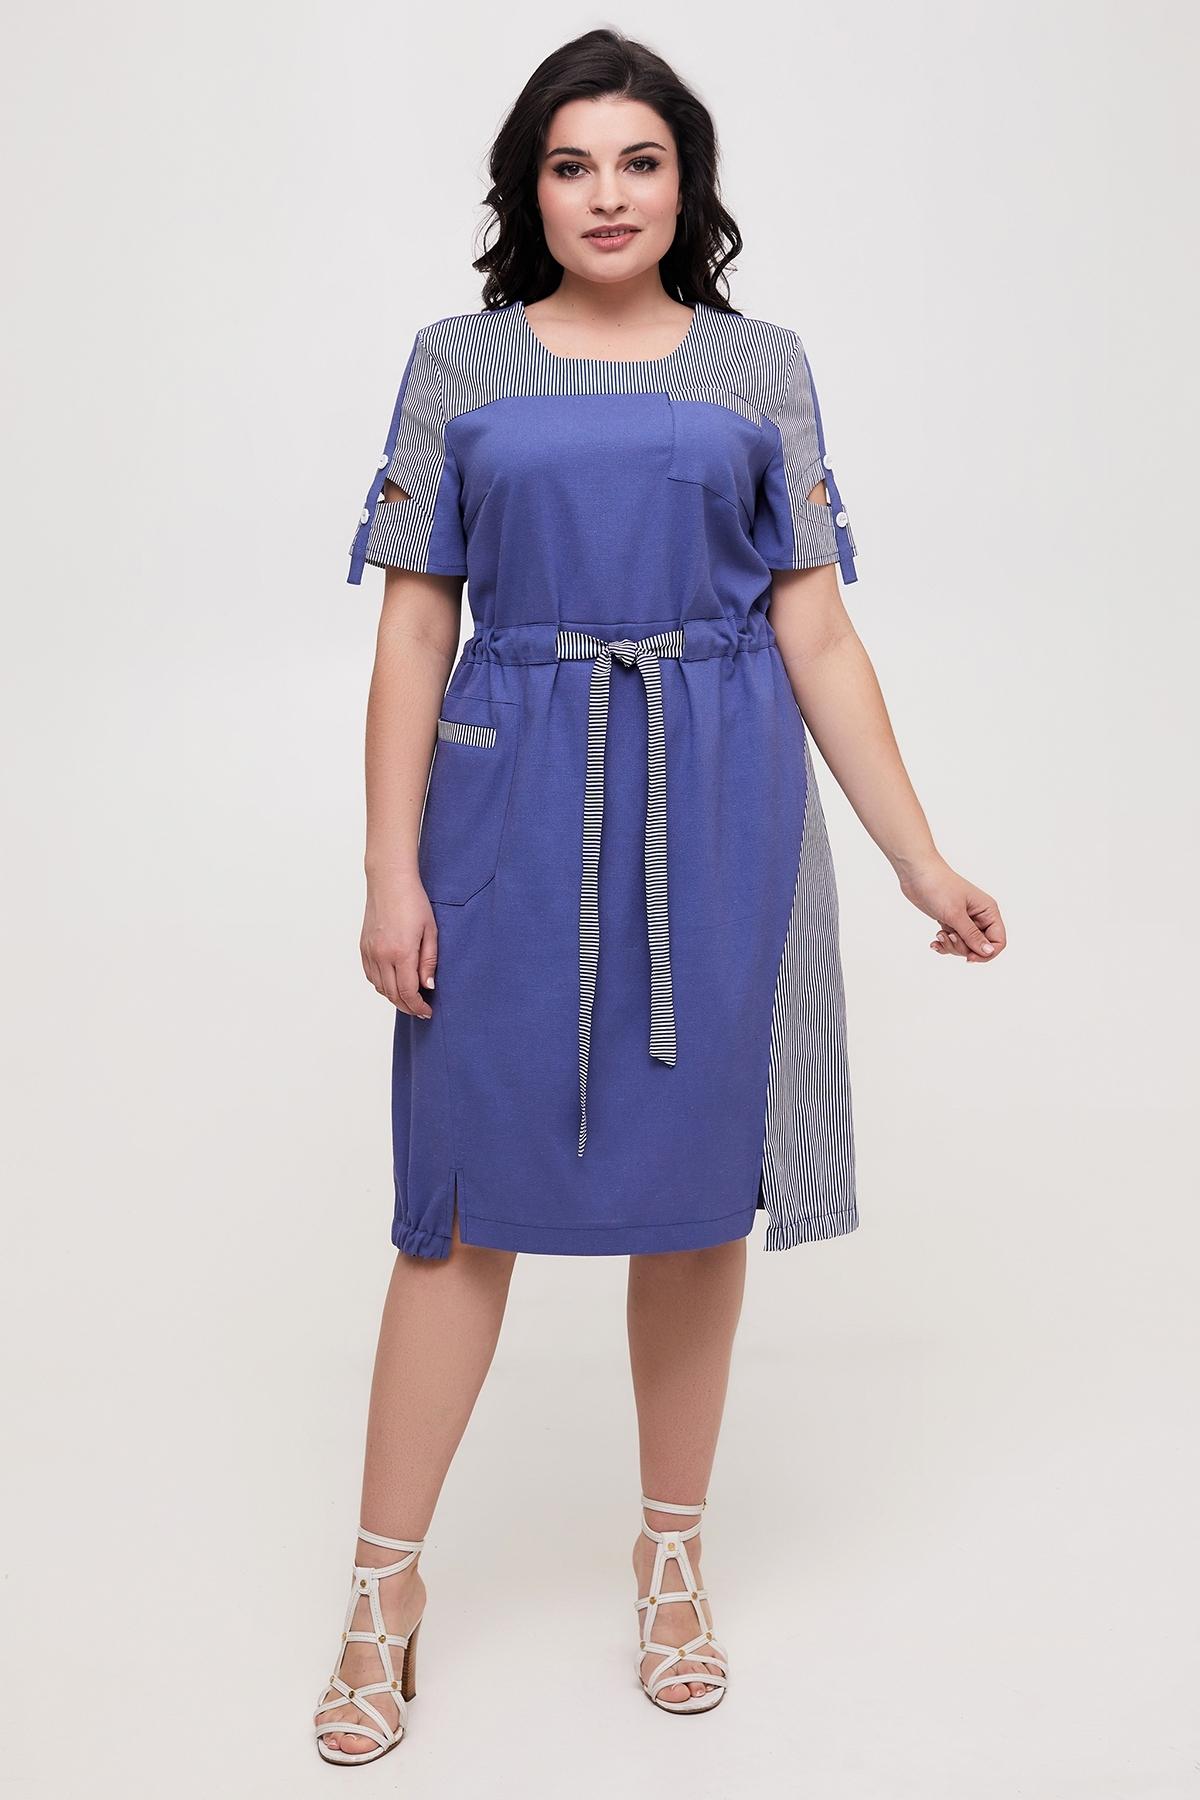 Сукня Земфіра (Земфира) (джинс)